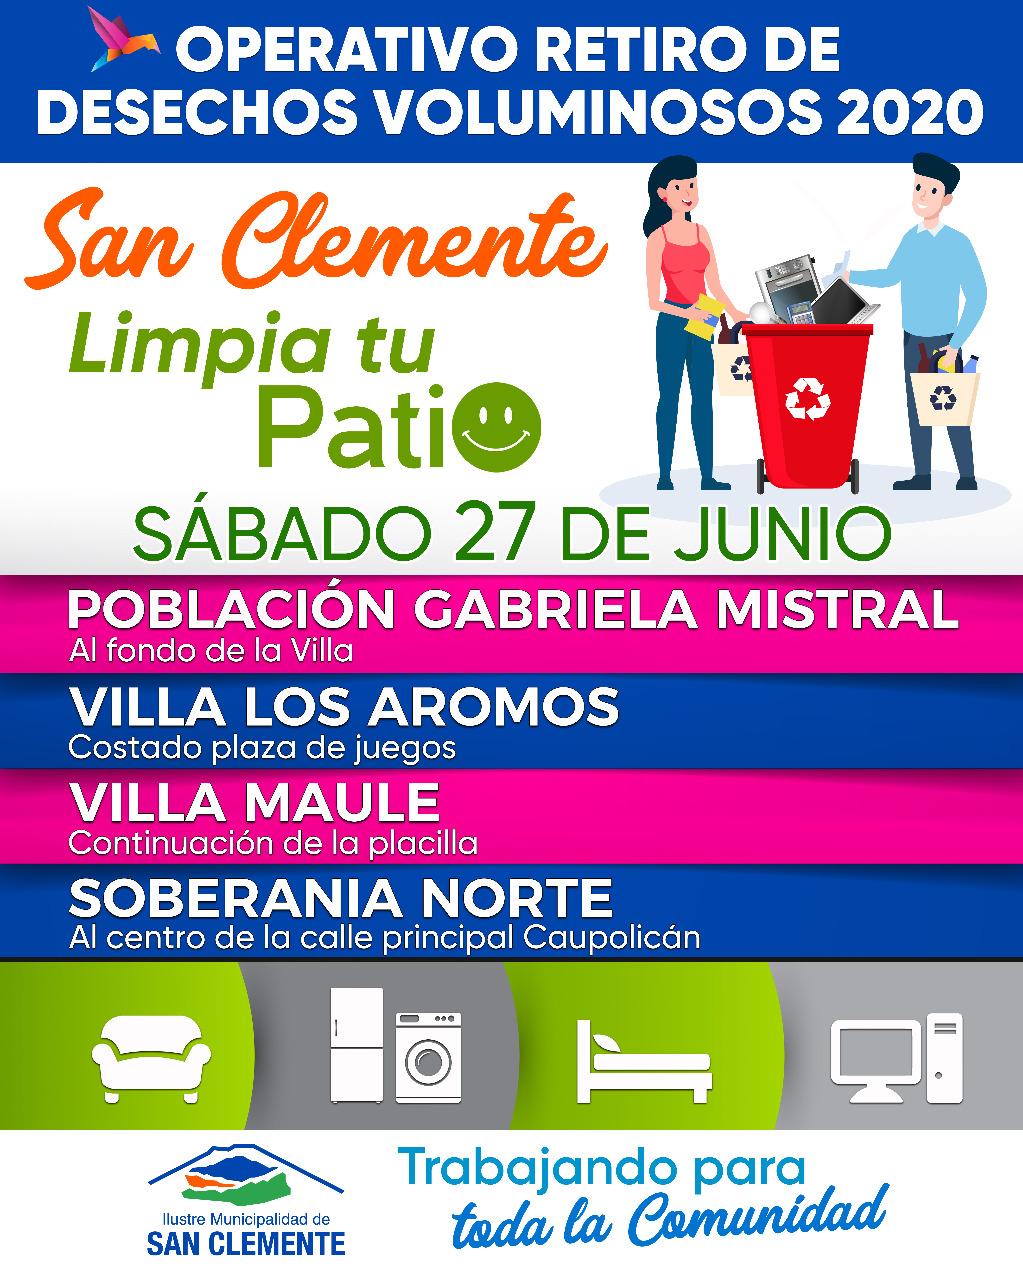 Gabriela Mistral, villa los Aromos, villa Maule y Soberanía norte recibirán este sábado 27 de junio un nuevo operativo de retiro de desechos voluminosos